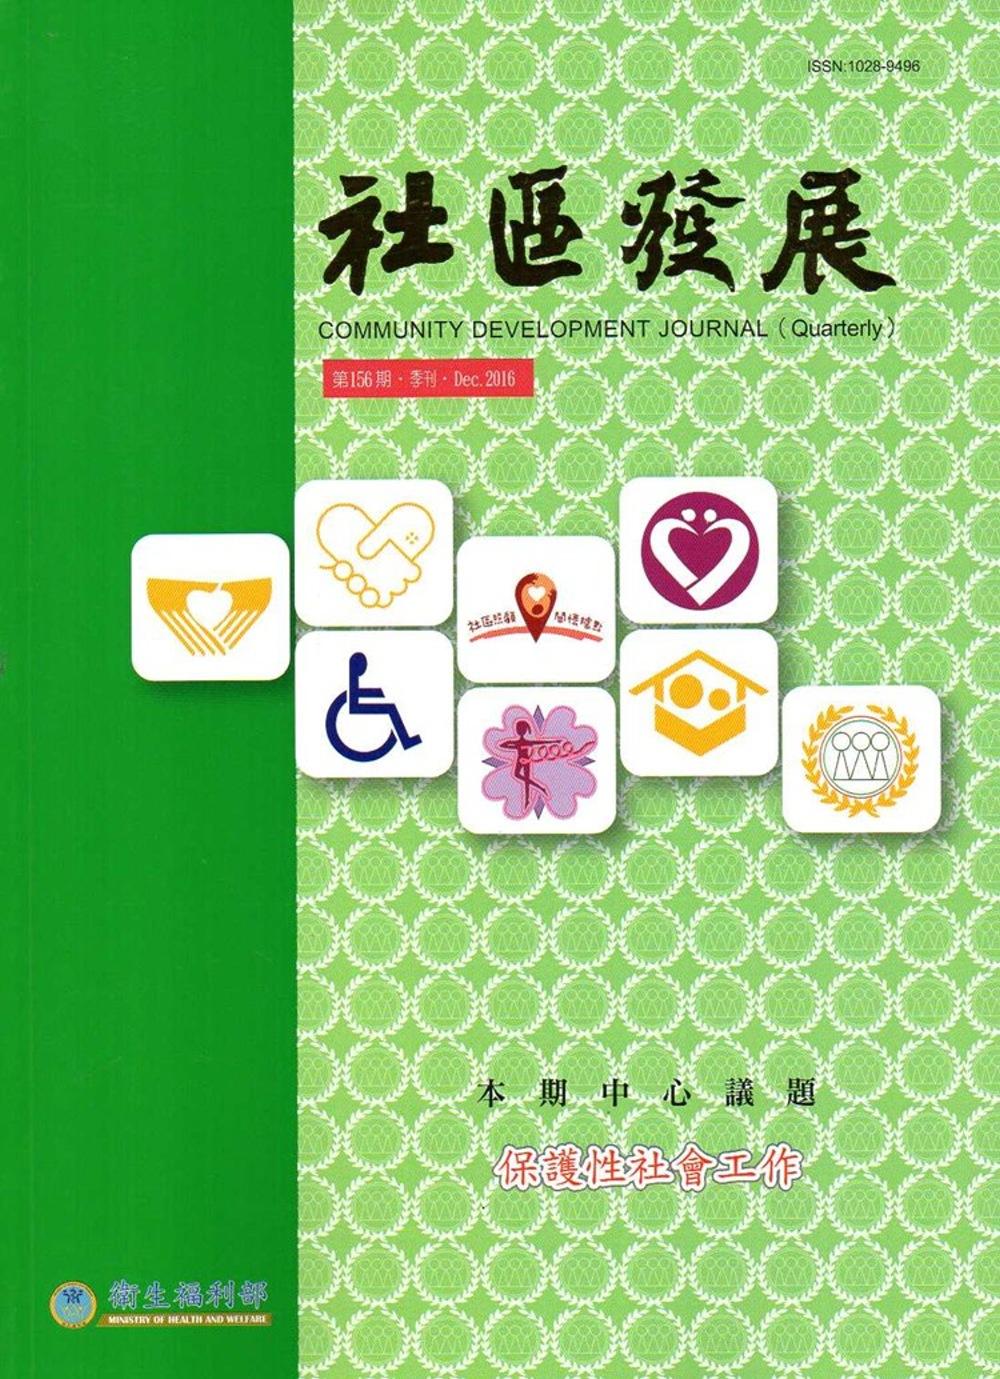 社區發展季刊156期-保護性社會工作(2016/12)